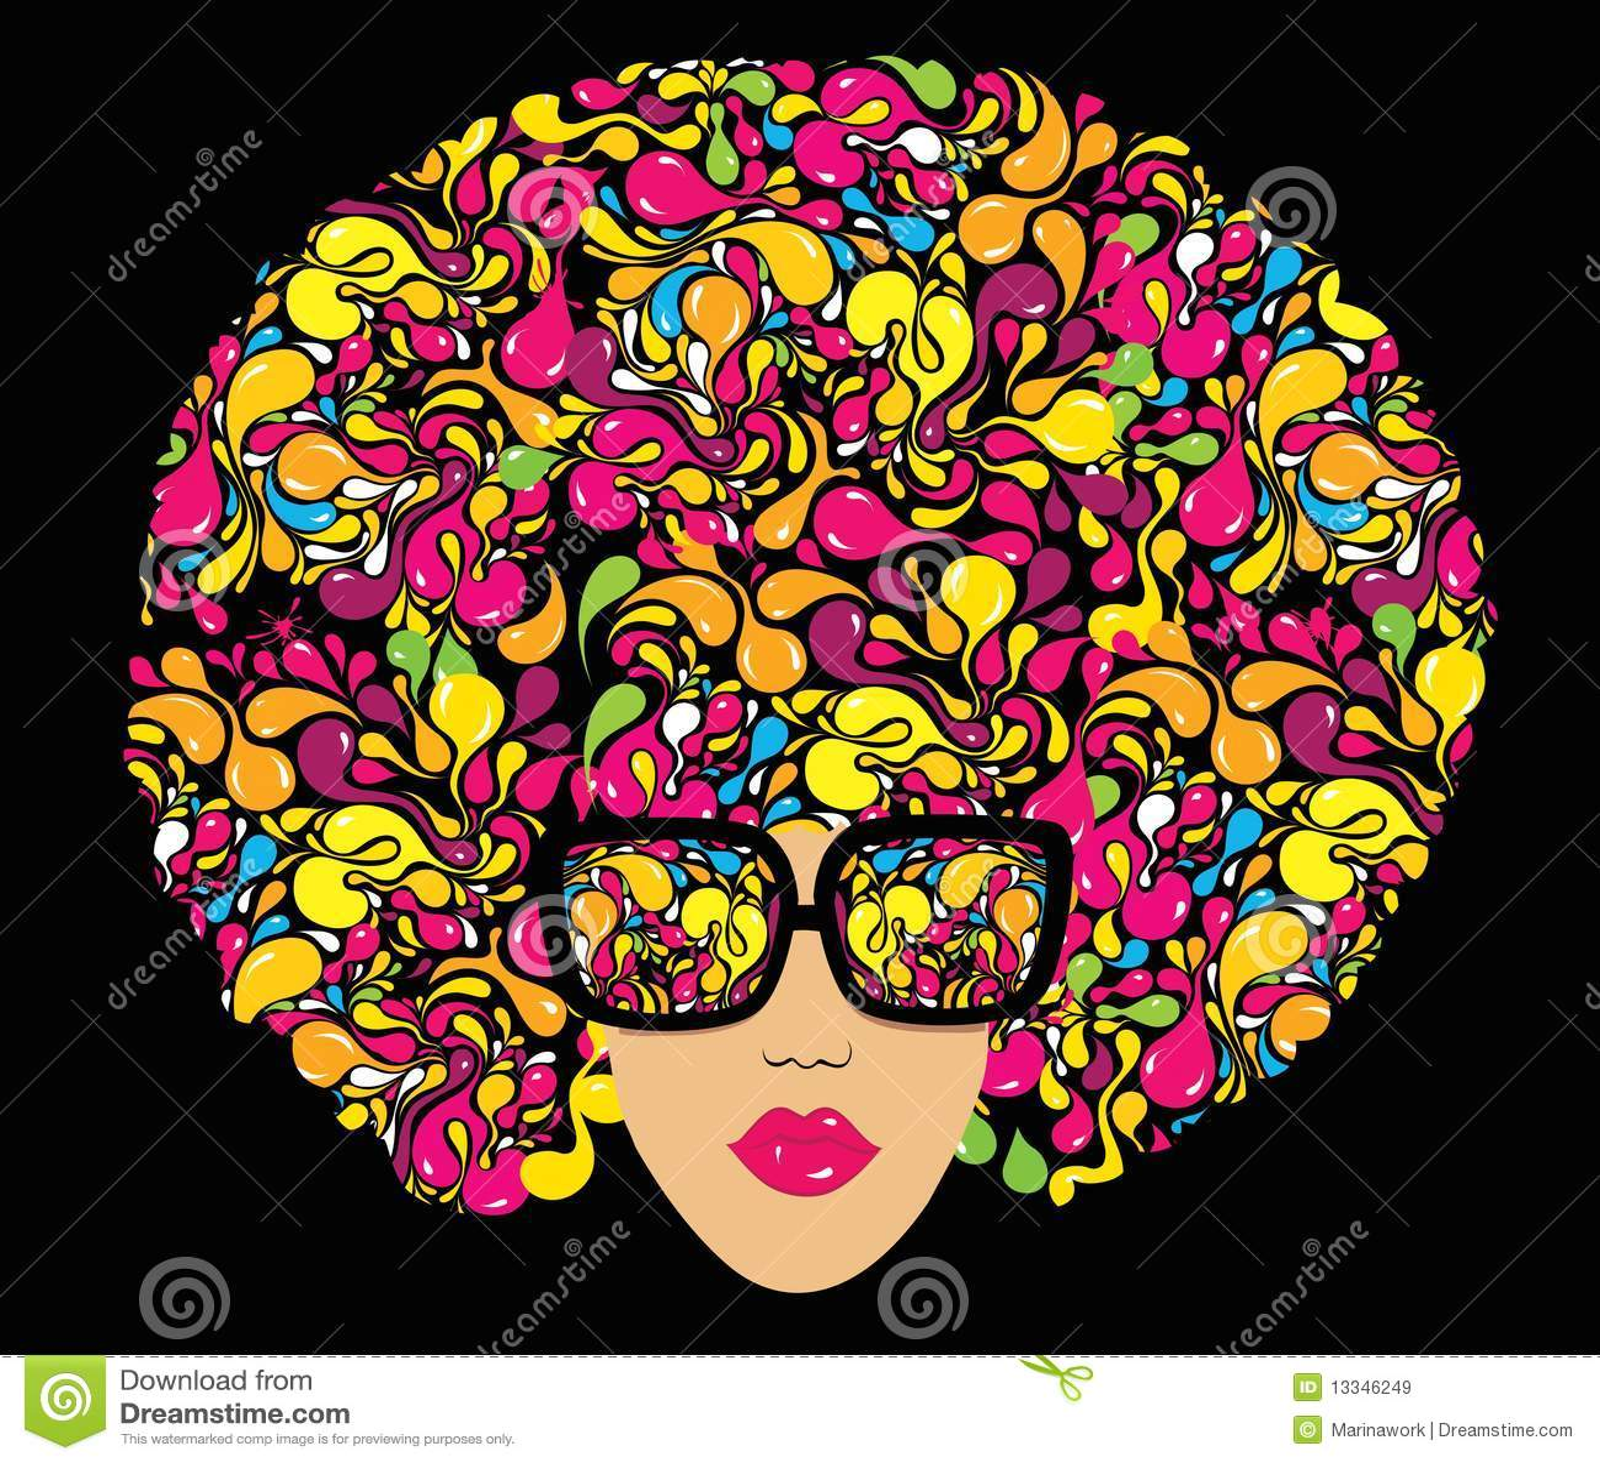 Illustration multicolore lumineuse de mode.